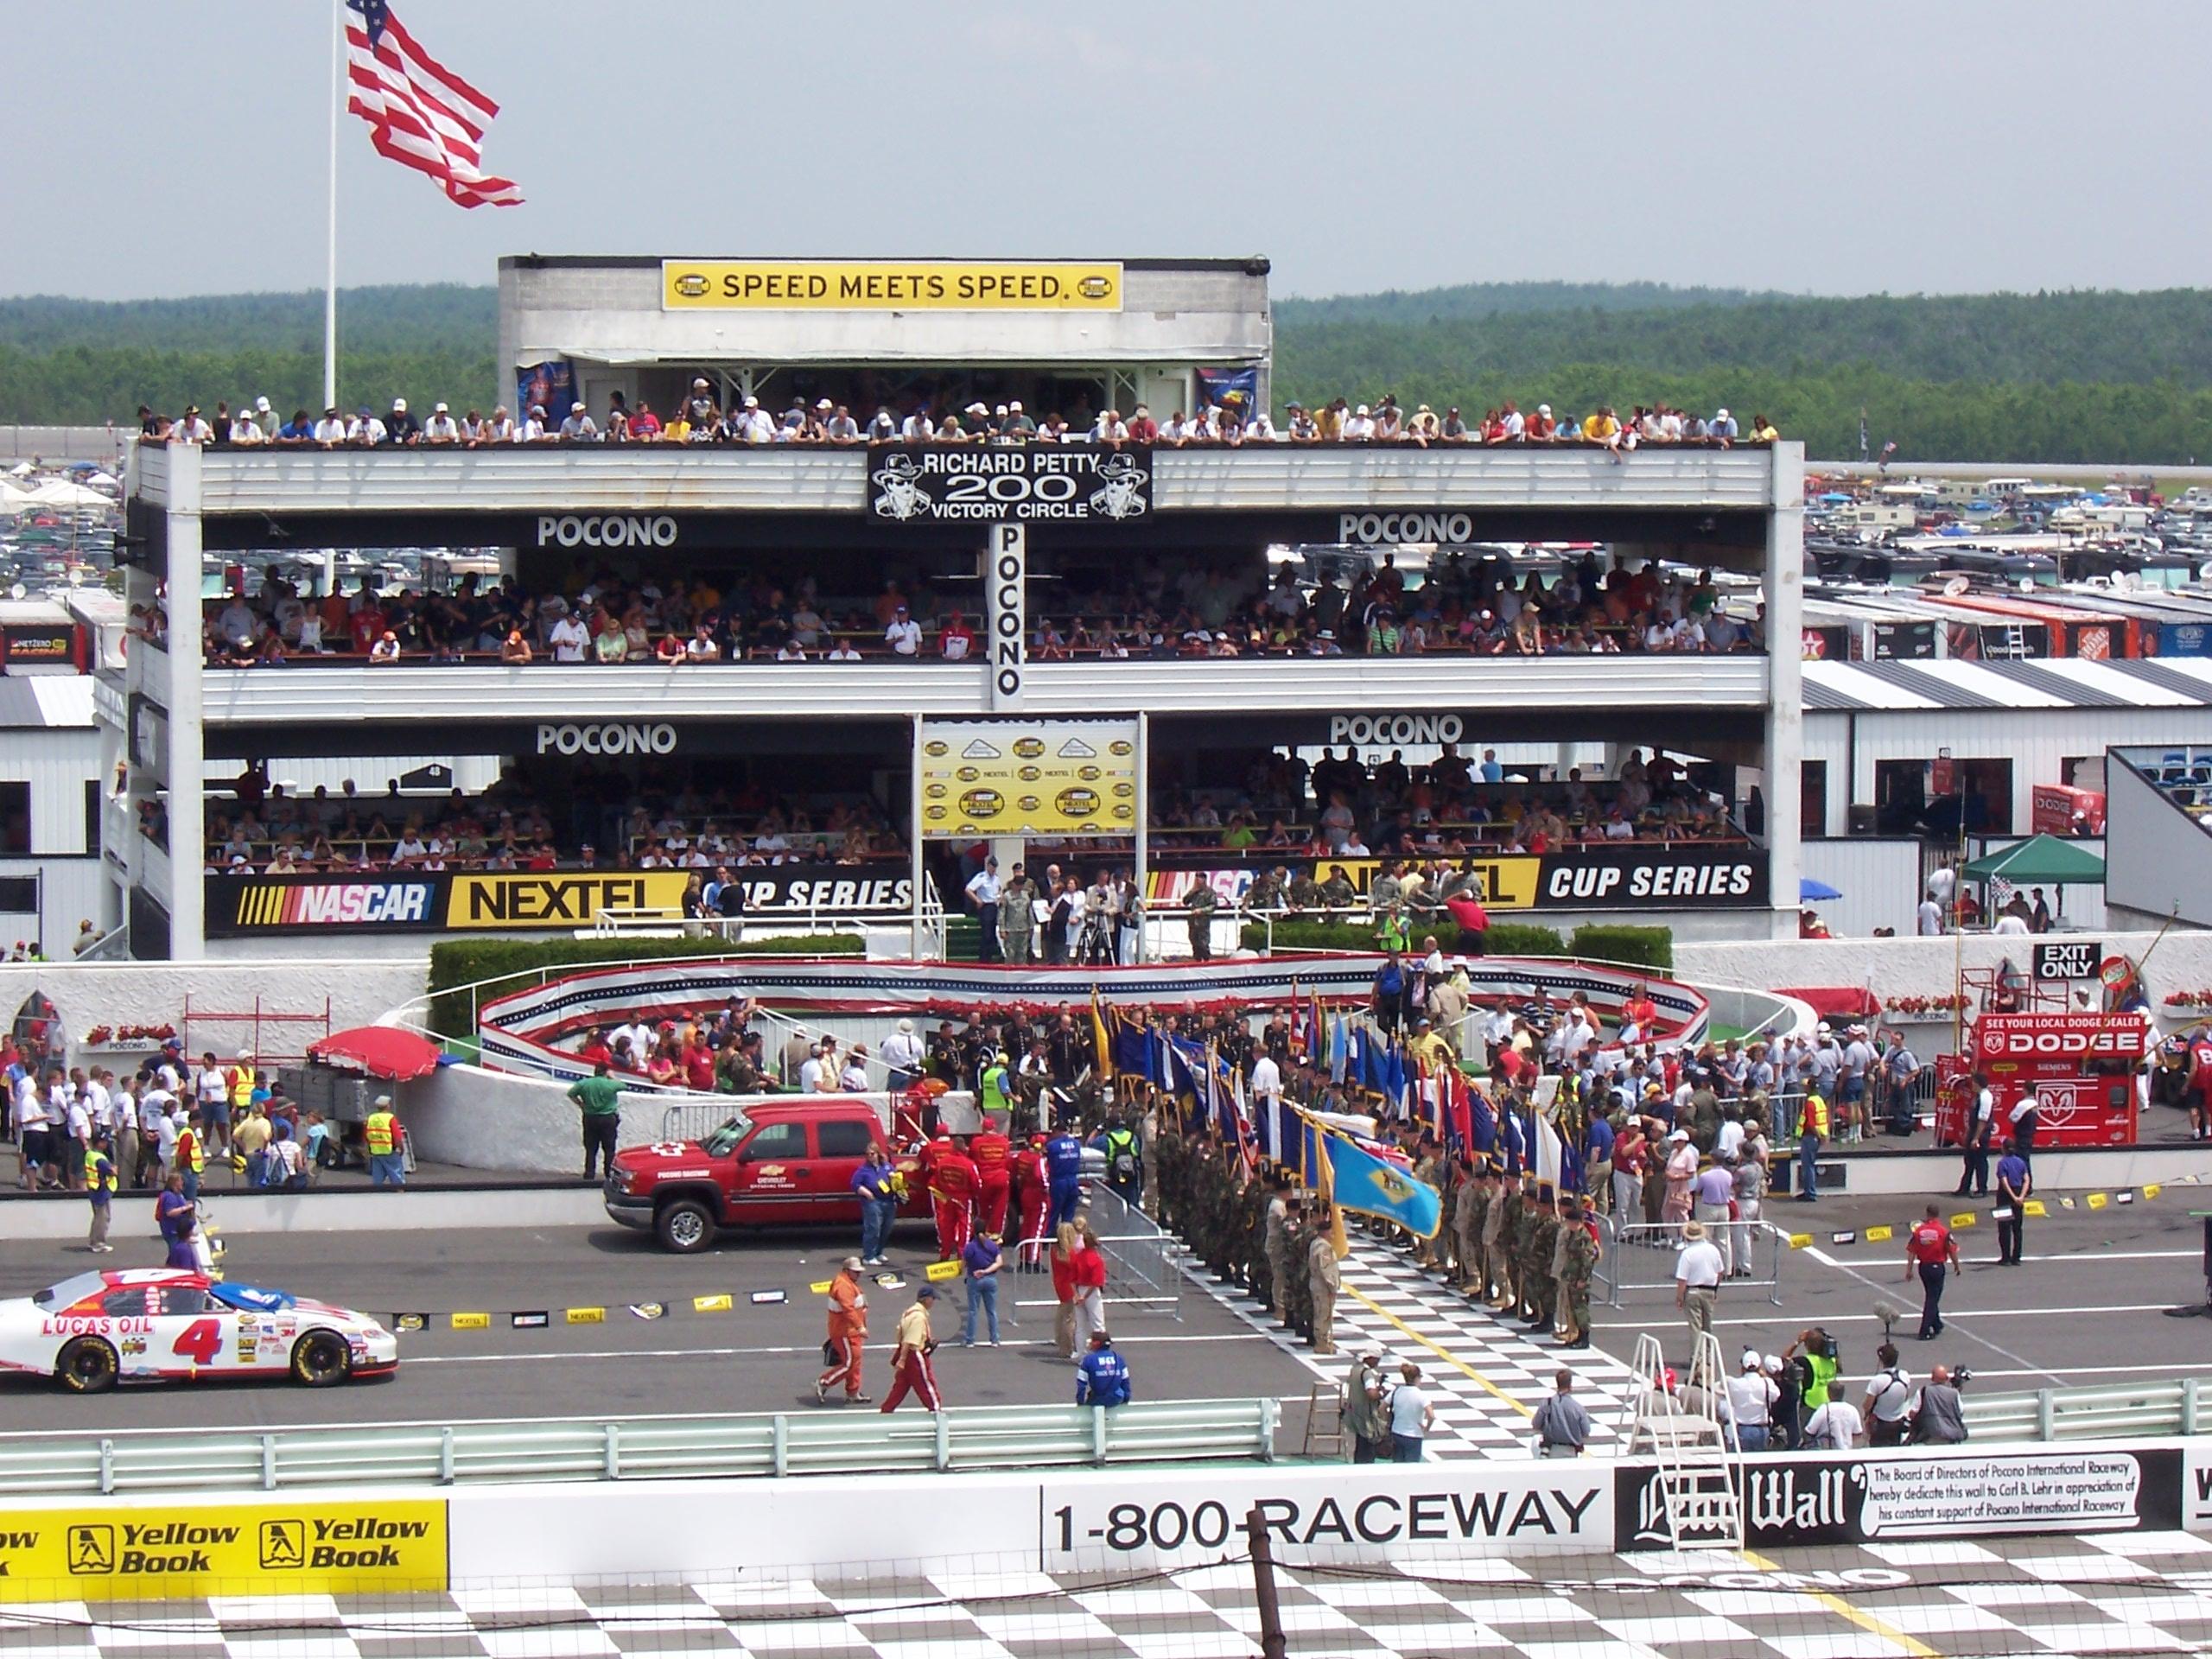 The Pocono 500 at Pocono Raceway in Long Pond